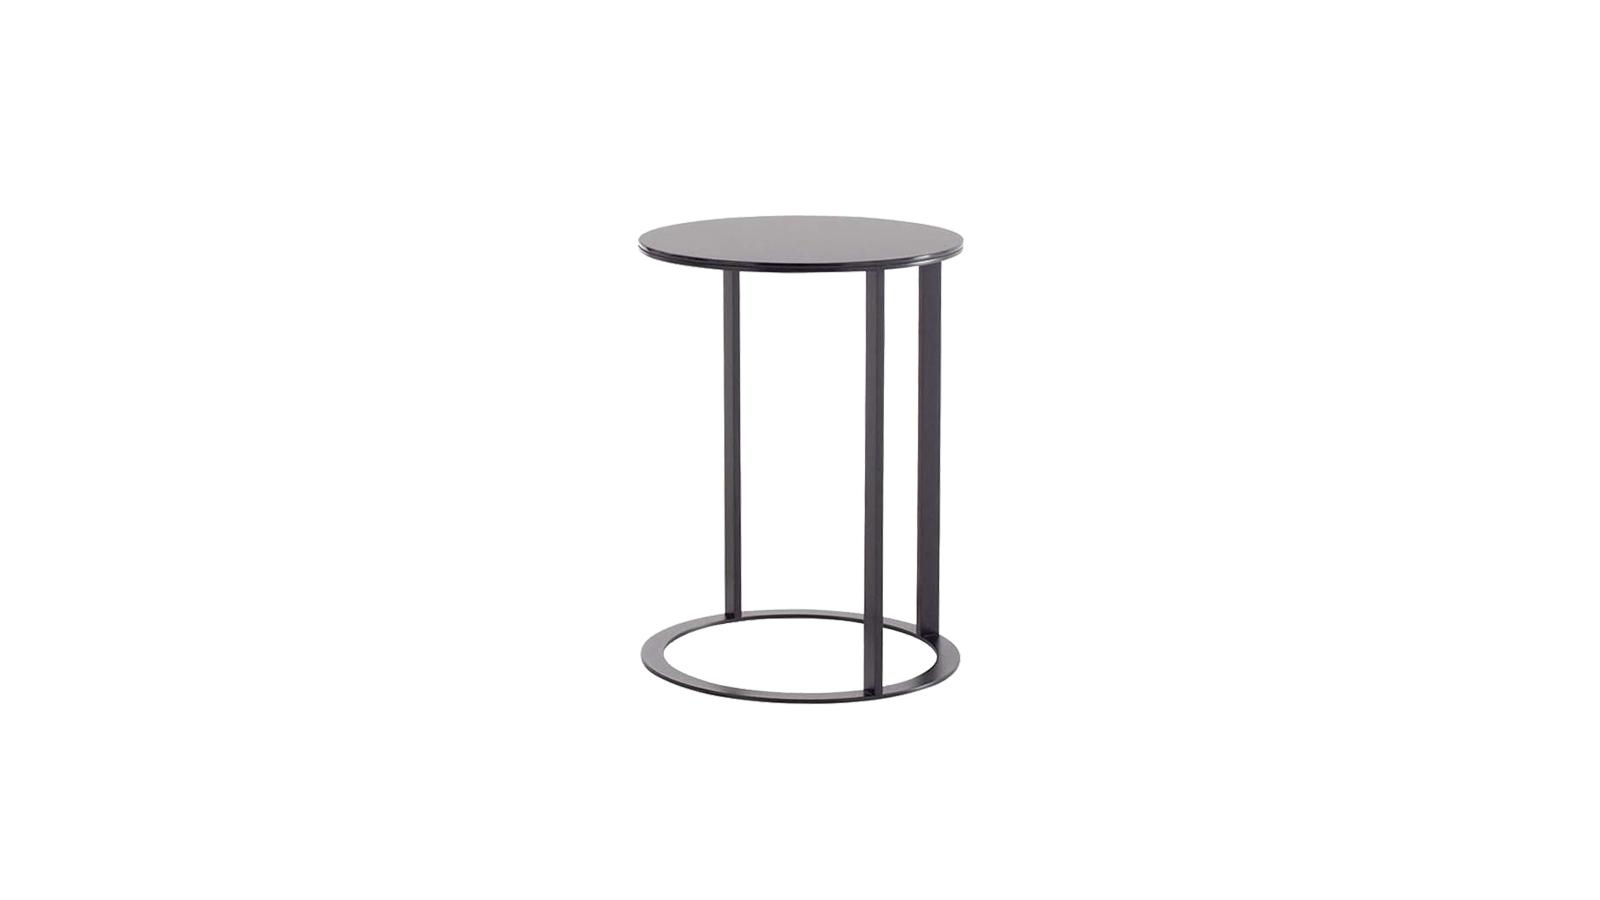 A modern megjelenésű Frank asztalok nemcsak az indusztriális terekben, hanem az elegáns bútorok komplementereként is kiválóan mutatnak. Első a használójuk kényelme: aszimmetrikus felépítésük lehetővé teszi, hogy olyan közel húzzuk őket a kanapéhoz, amennyire csak szeretnénk.